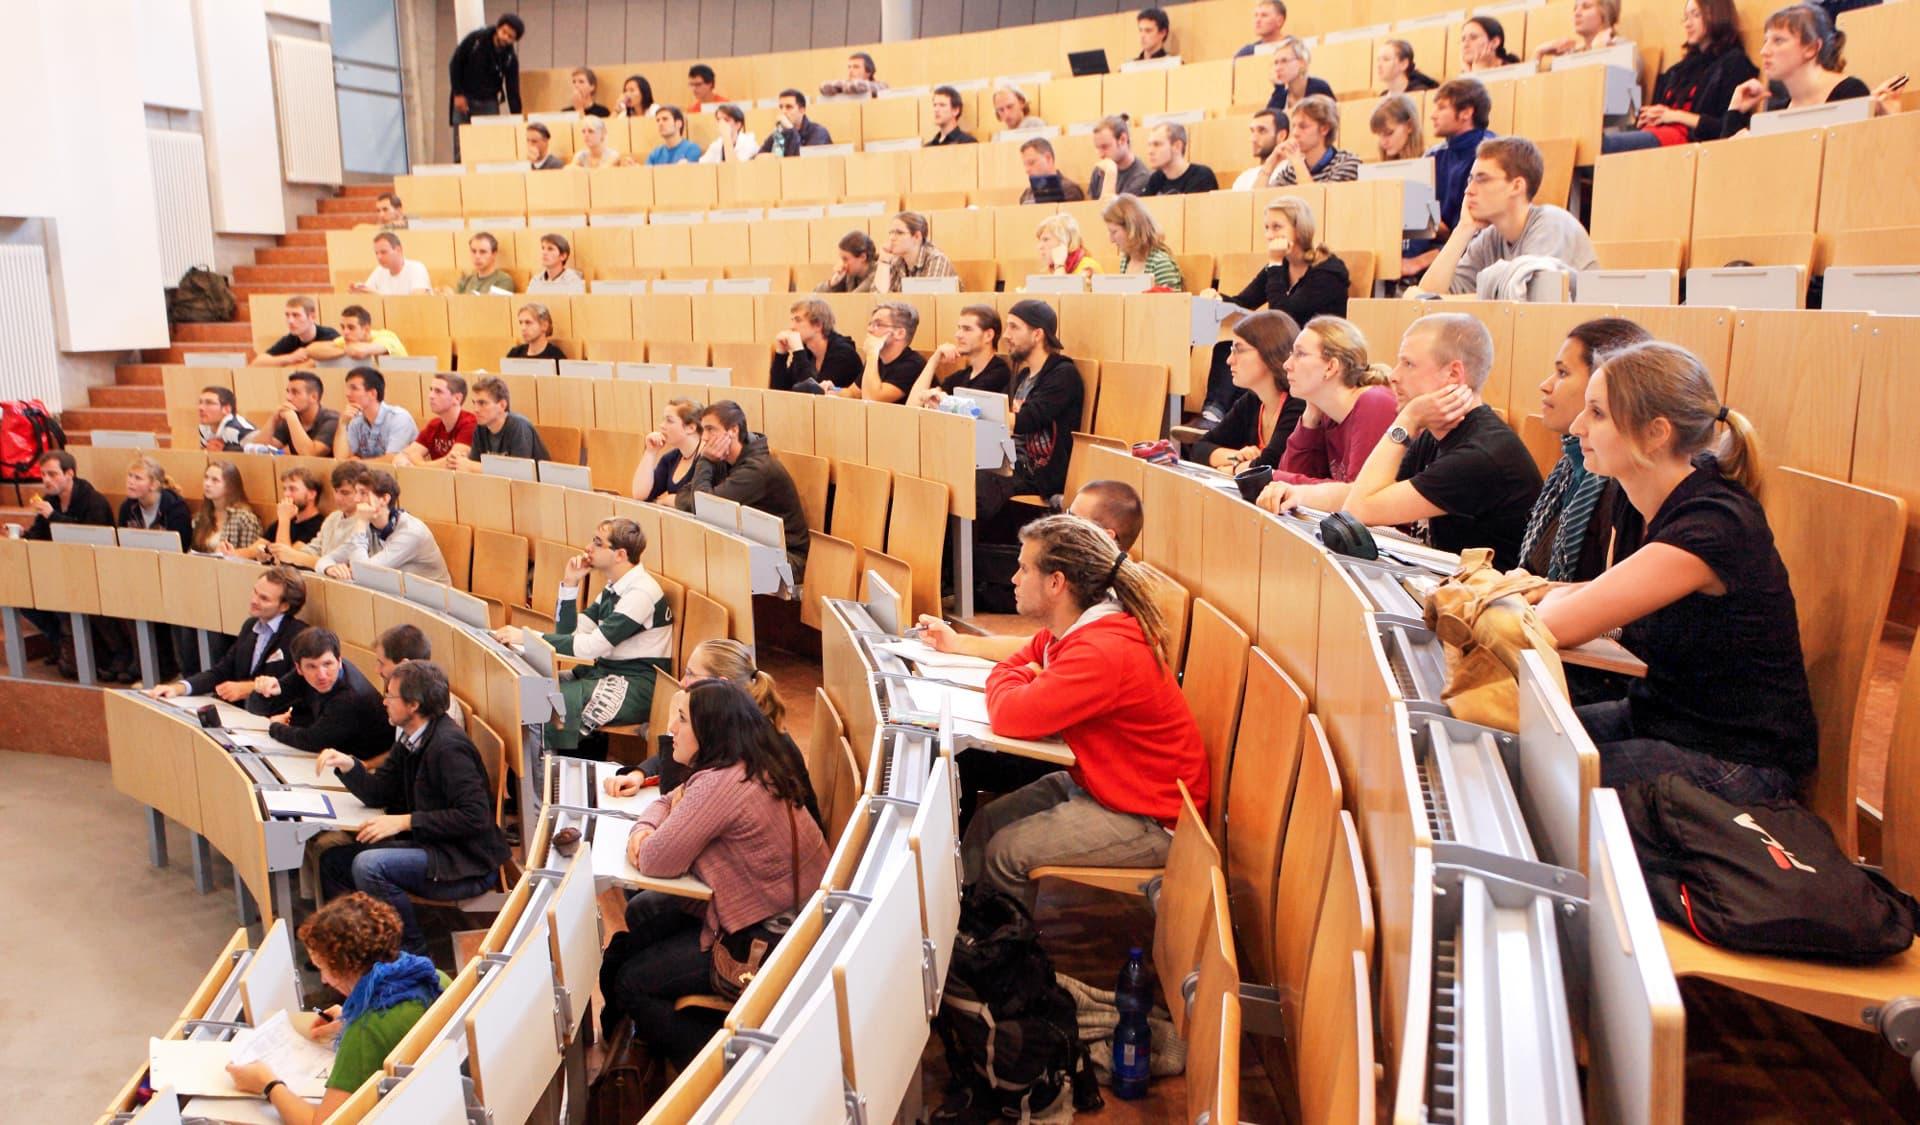 Vorlesungssall mit Studenten